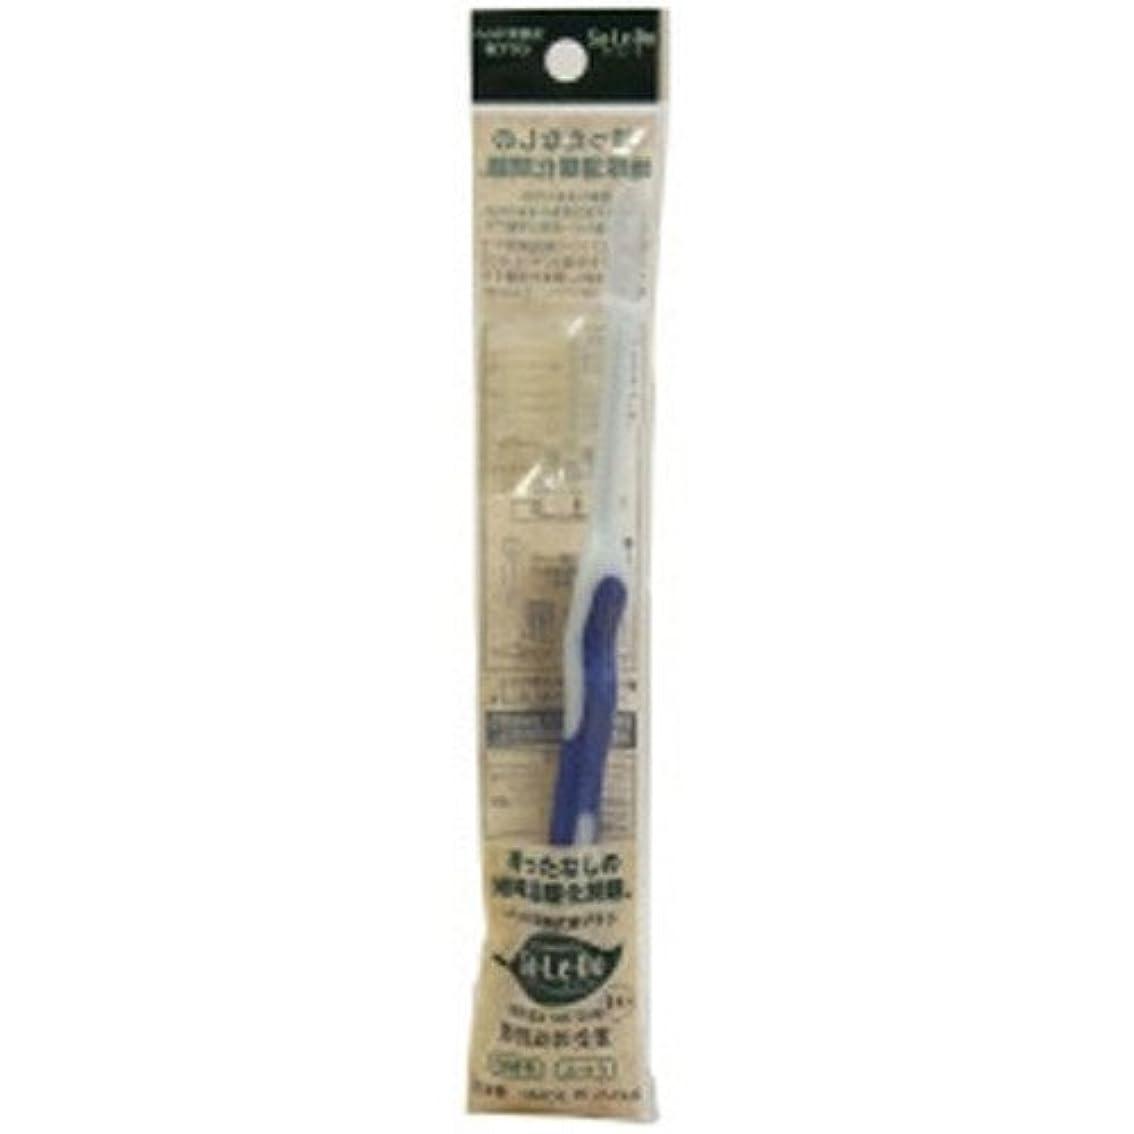 高さ顕著心のこもったサレド ヘッド交換式歯ブラシ お試しセット レギュラーヘッド ブルー